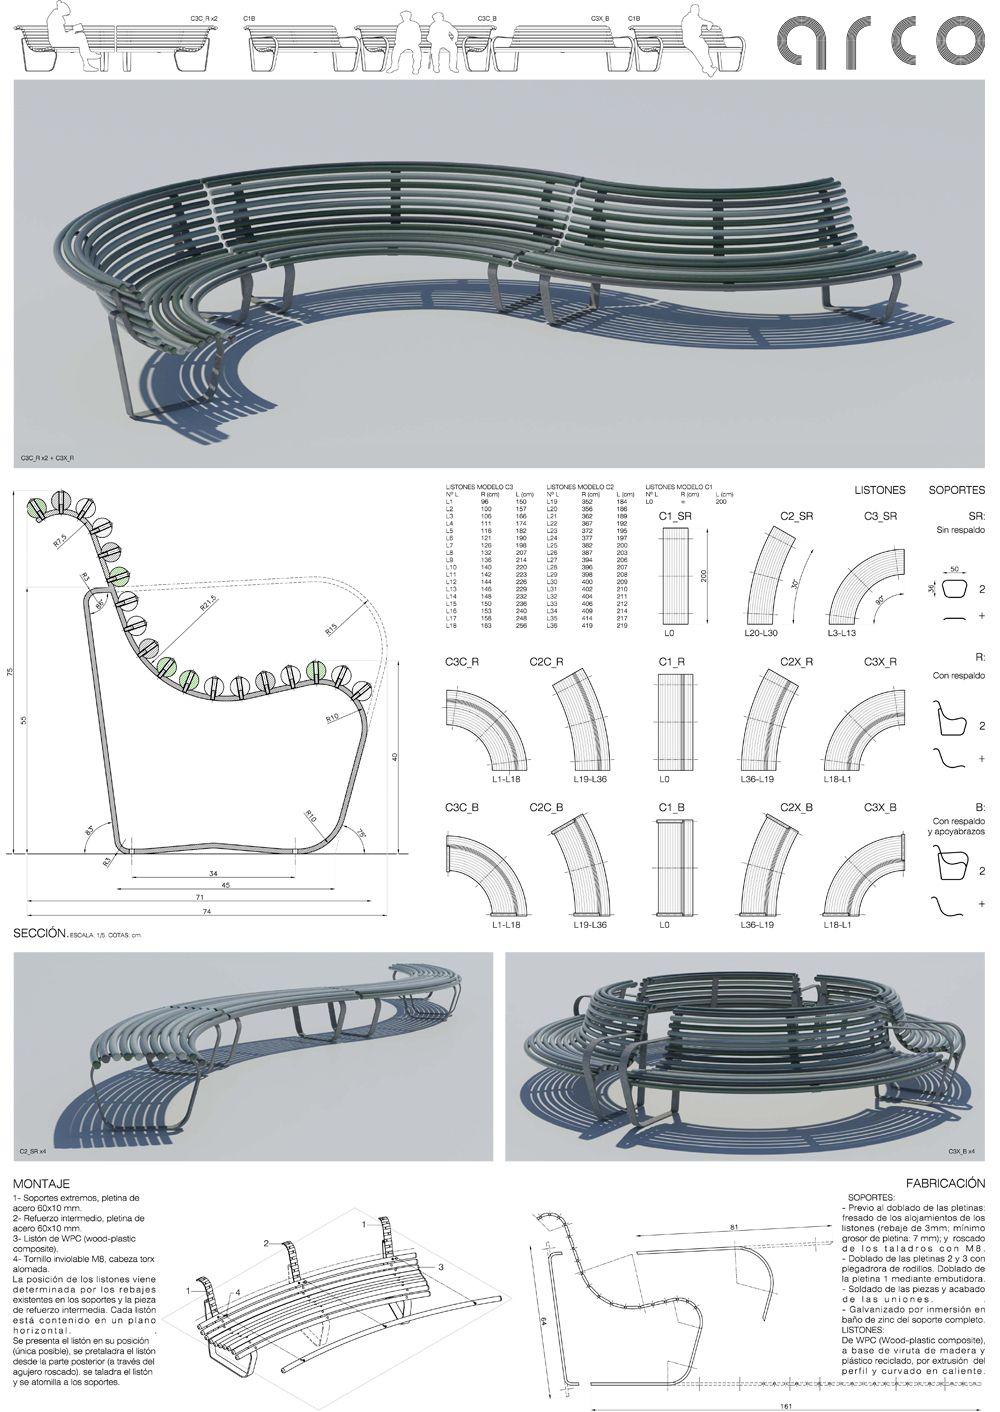 Proyecto 'arco' (pincha en la imagen para ampliar)